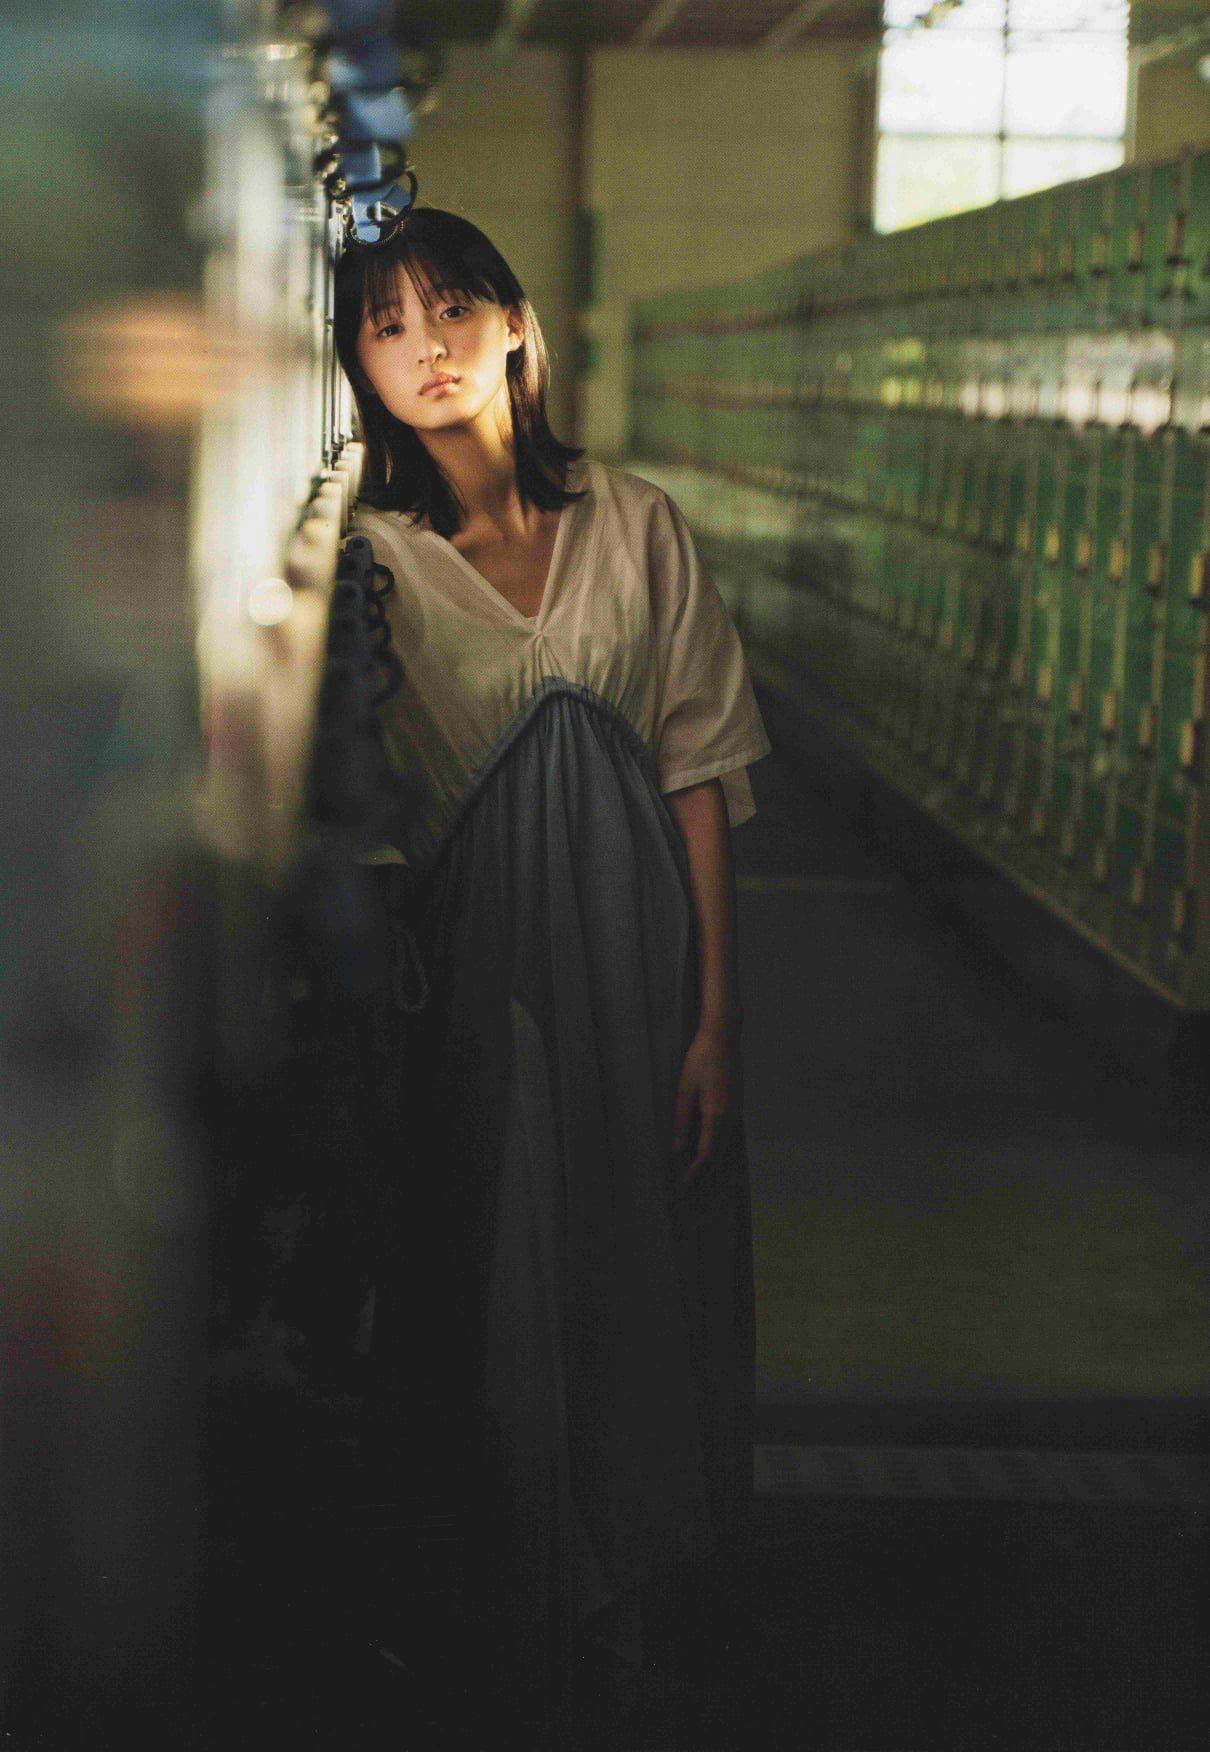 乃木坂46偶像远藤さくら开朗笑颜散发纯真气息 网络美女 第34张